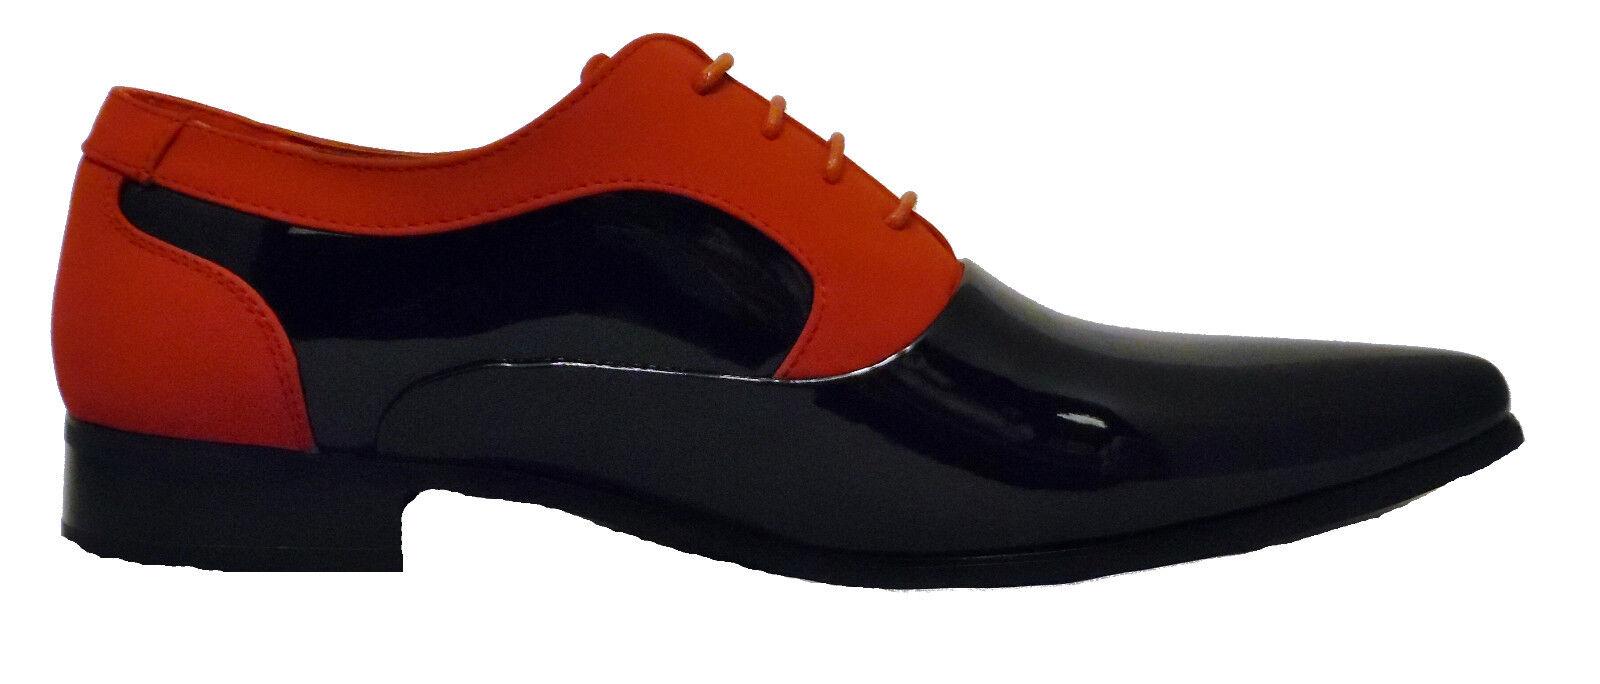 Herren Neue Schwarz und Rot Armando Leder Einlage Patent